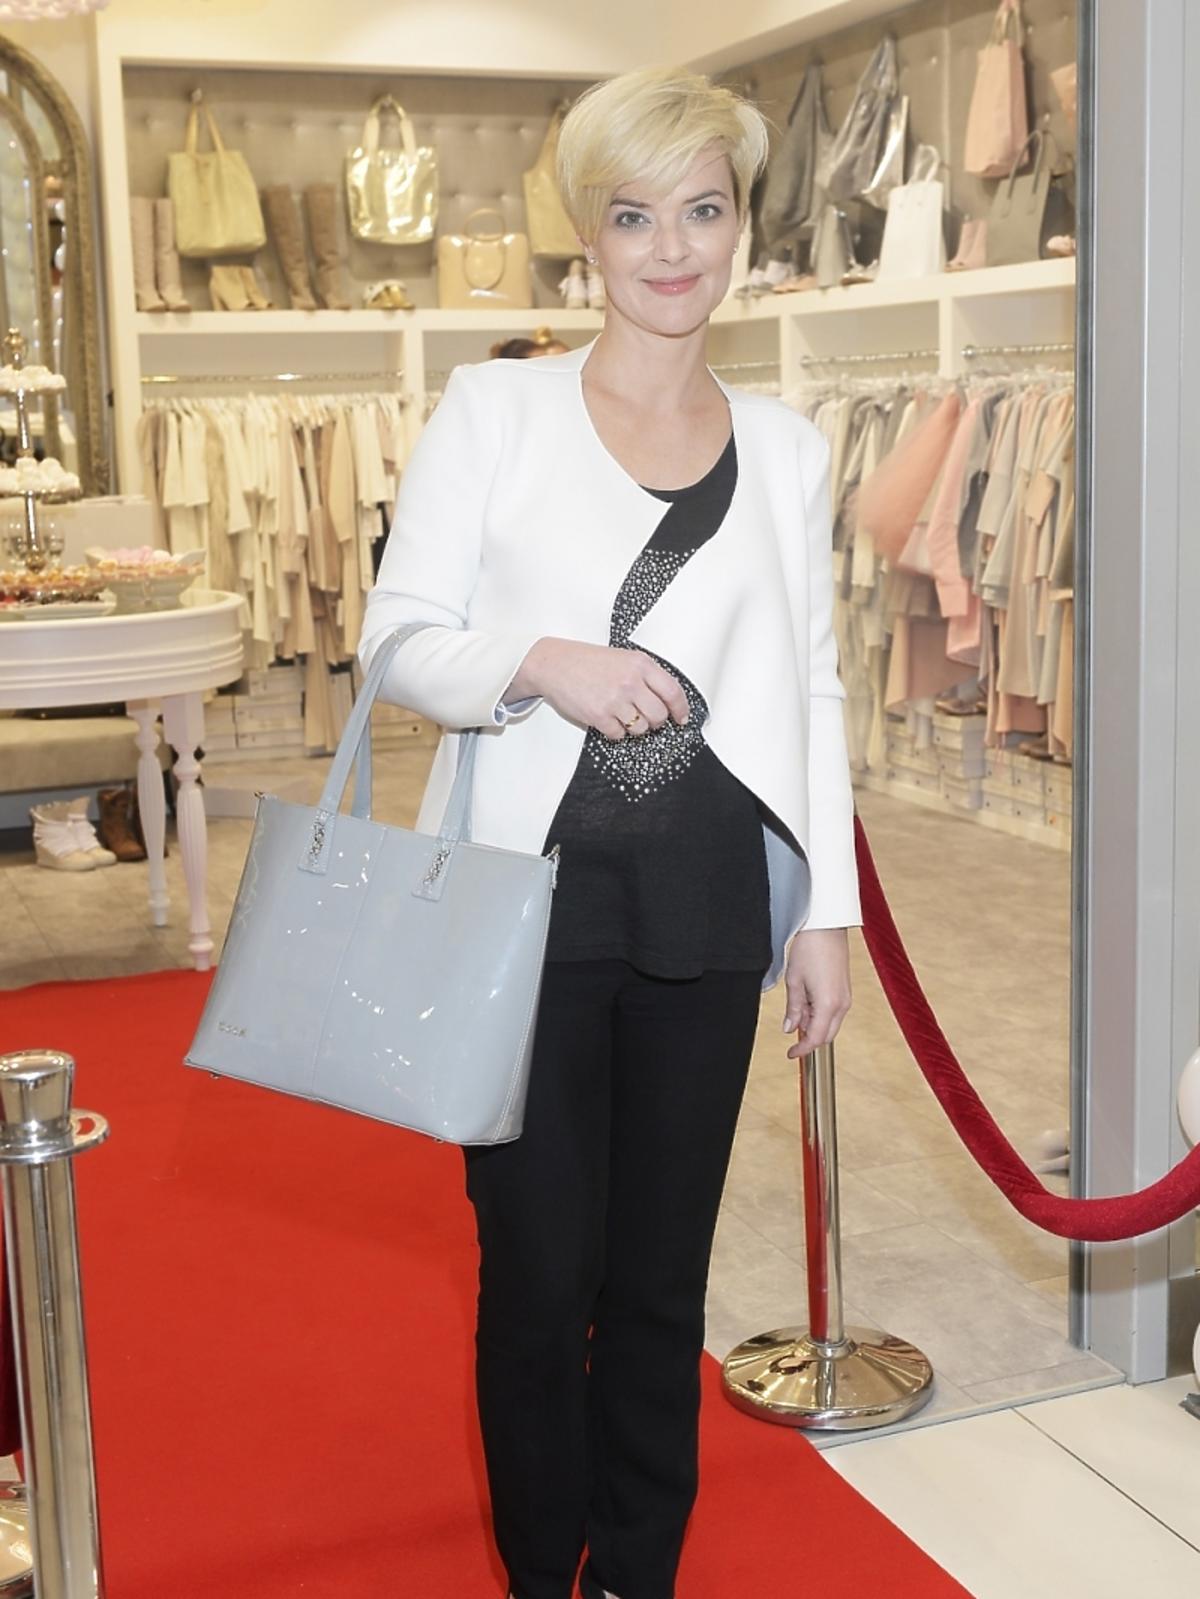 Monika Zamachowska na prezentacji w showroomie White House